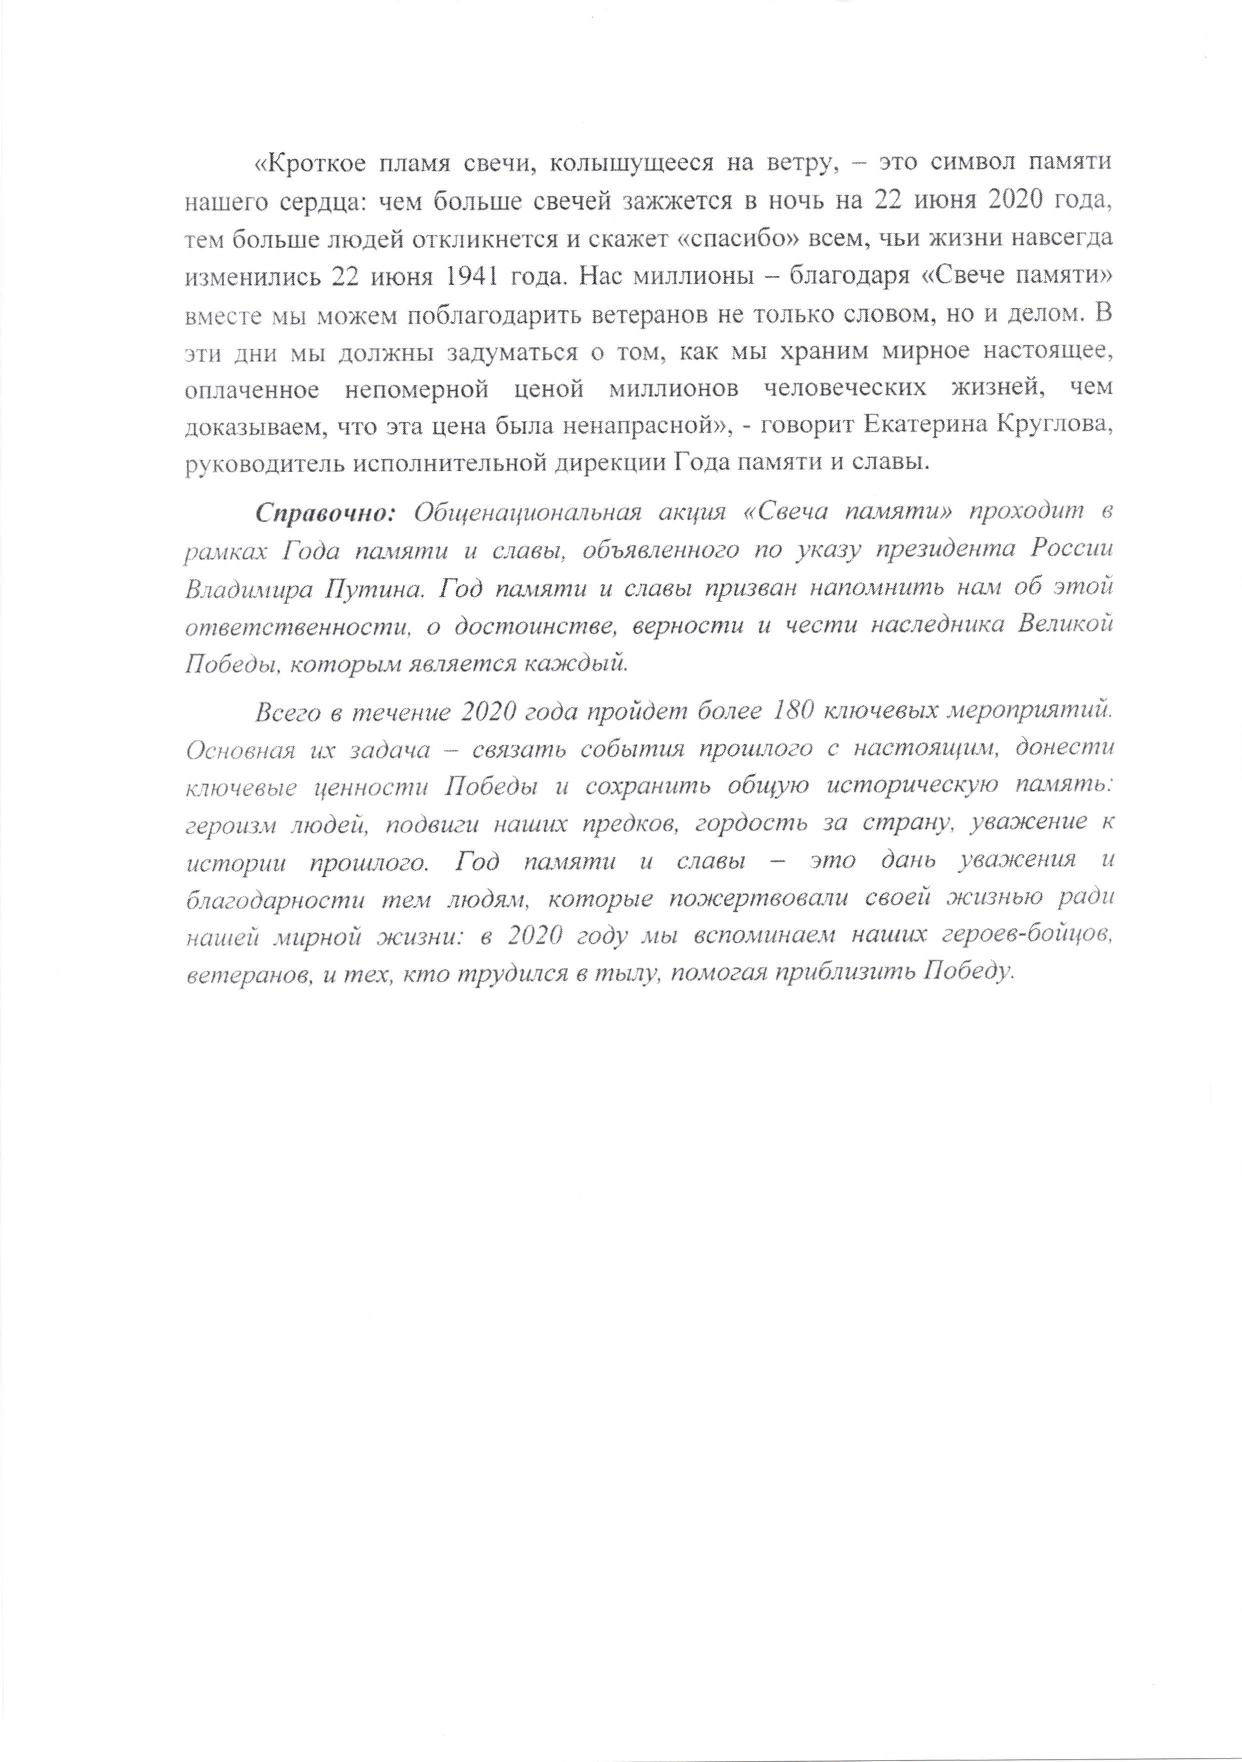 informacija_page-0003.jpg